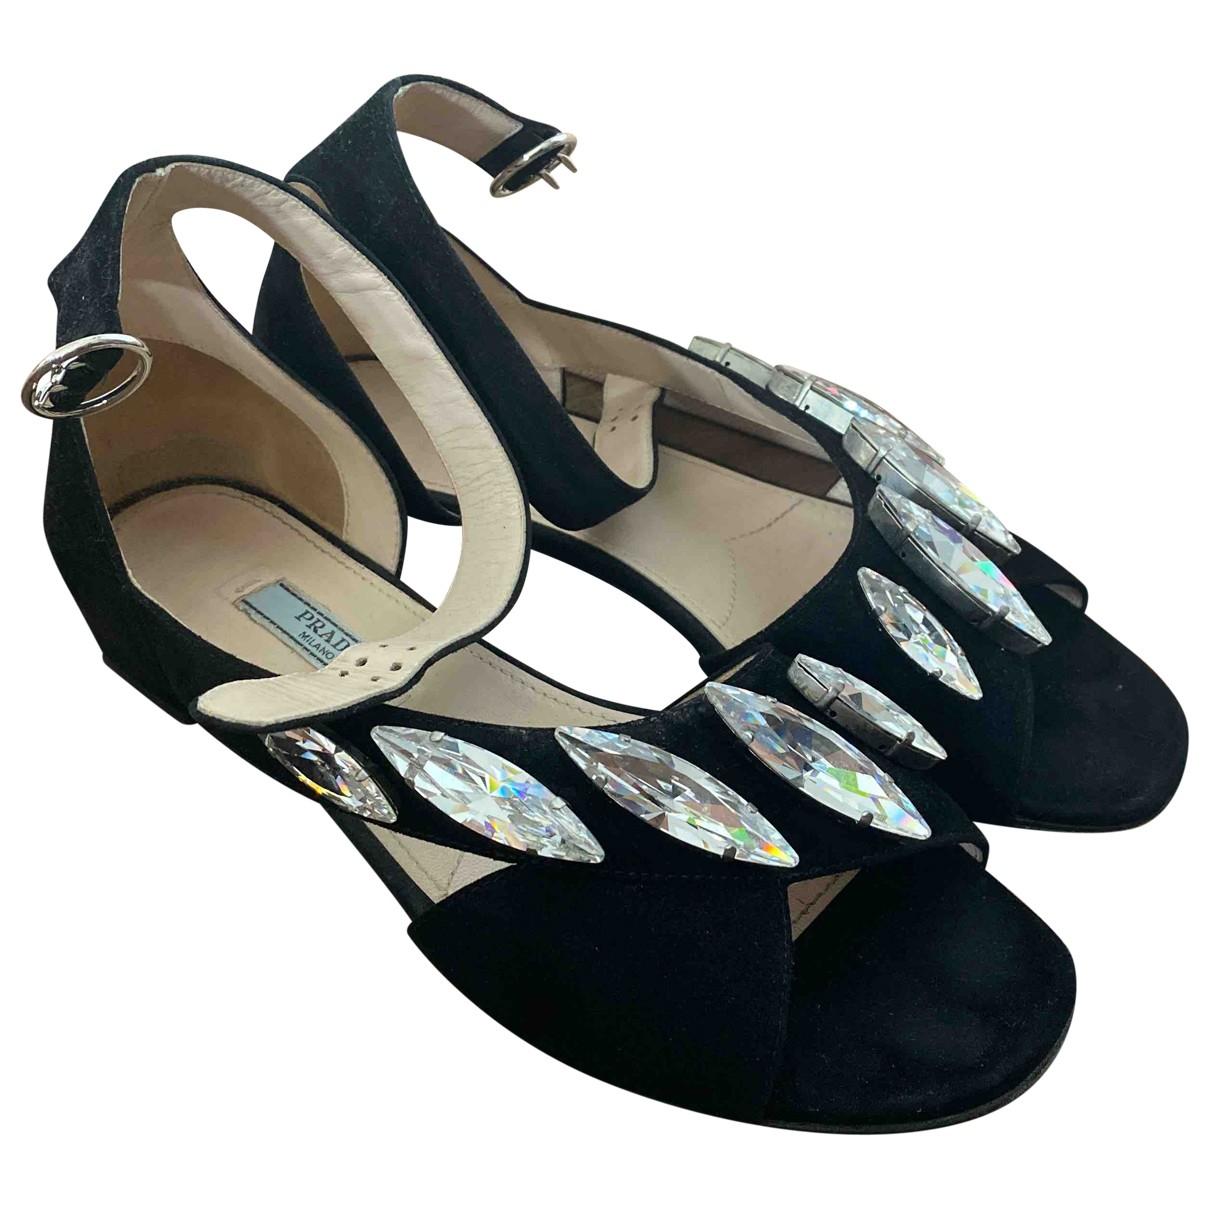 Sandalias romanas Prada